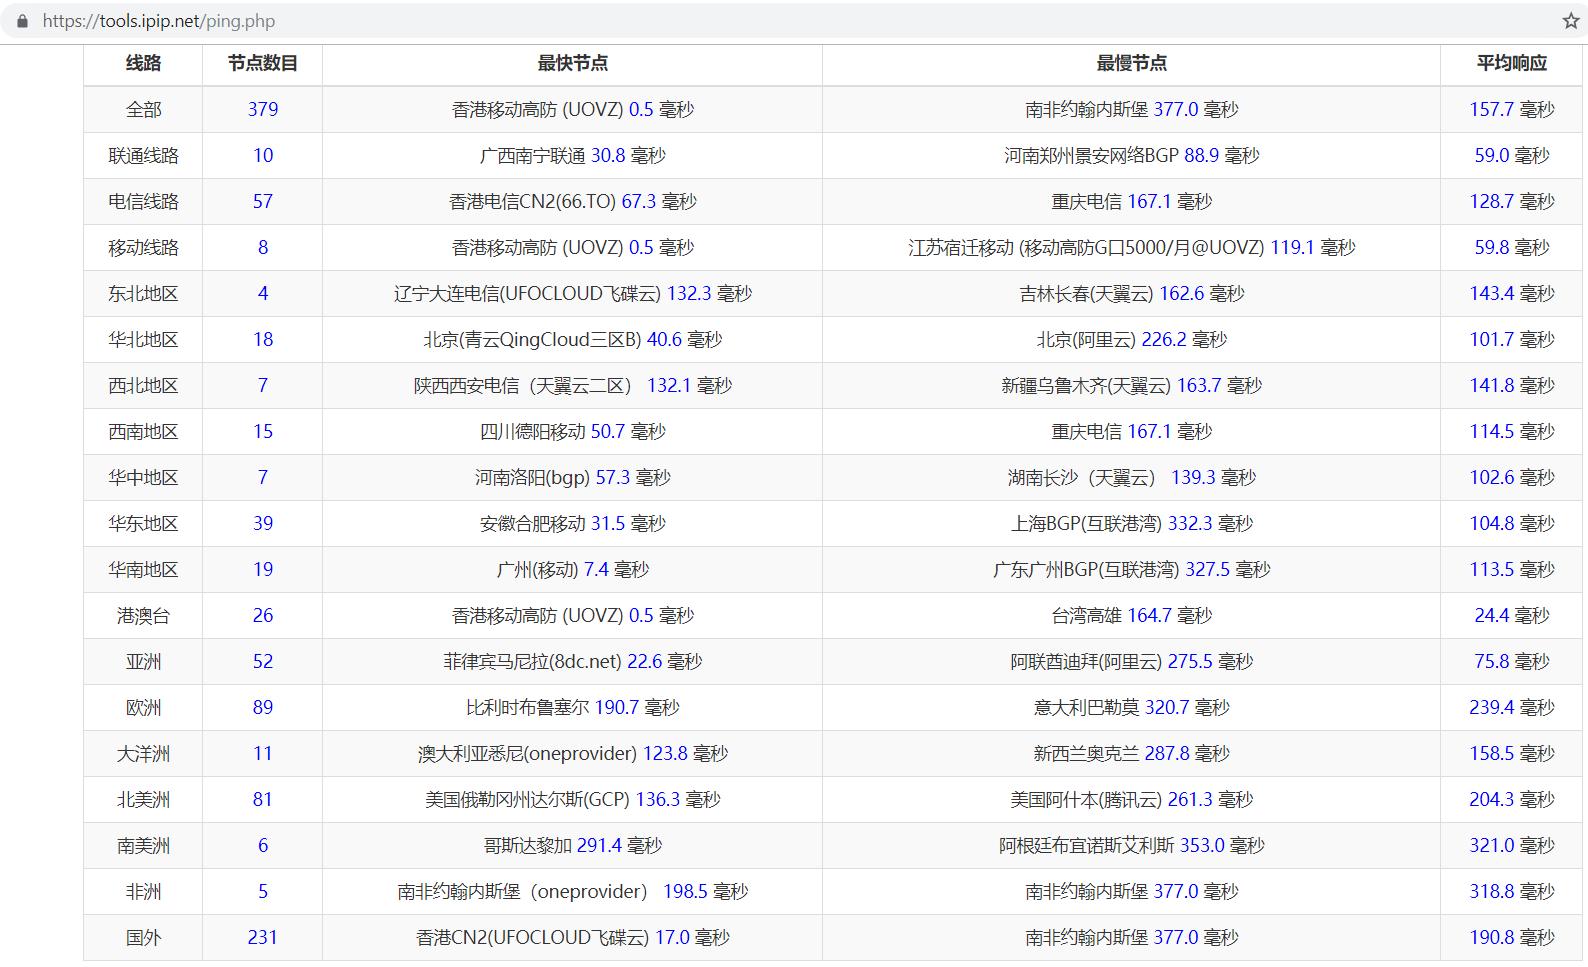 企鹅小屋:月付3.59 美元 / HK CMI / 1C 256MB / 10G SSD / 100 Mbps 峰值带宽 / 5 Gbps 防护 /  450GB 上行流量